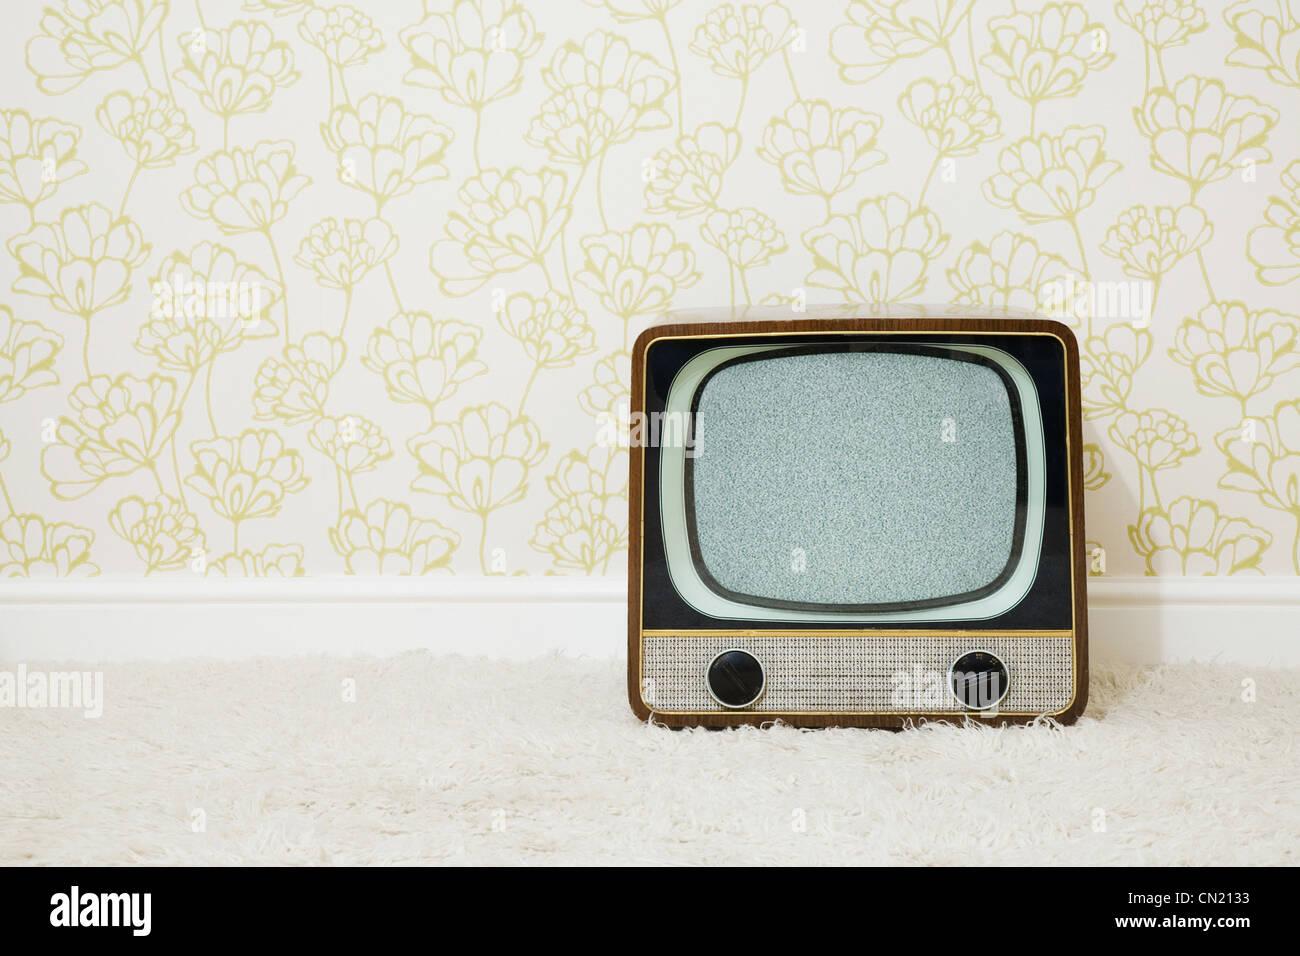 Dans la salle de télévision rétro papier peint à motifs Photo Stock